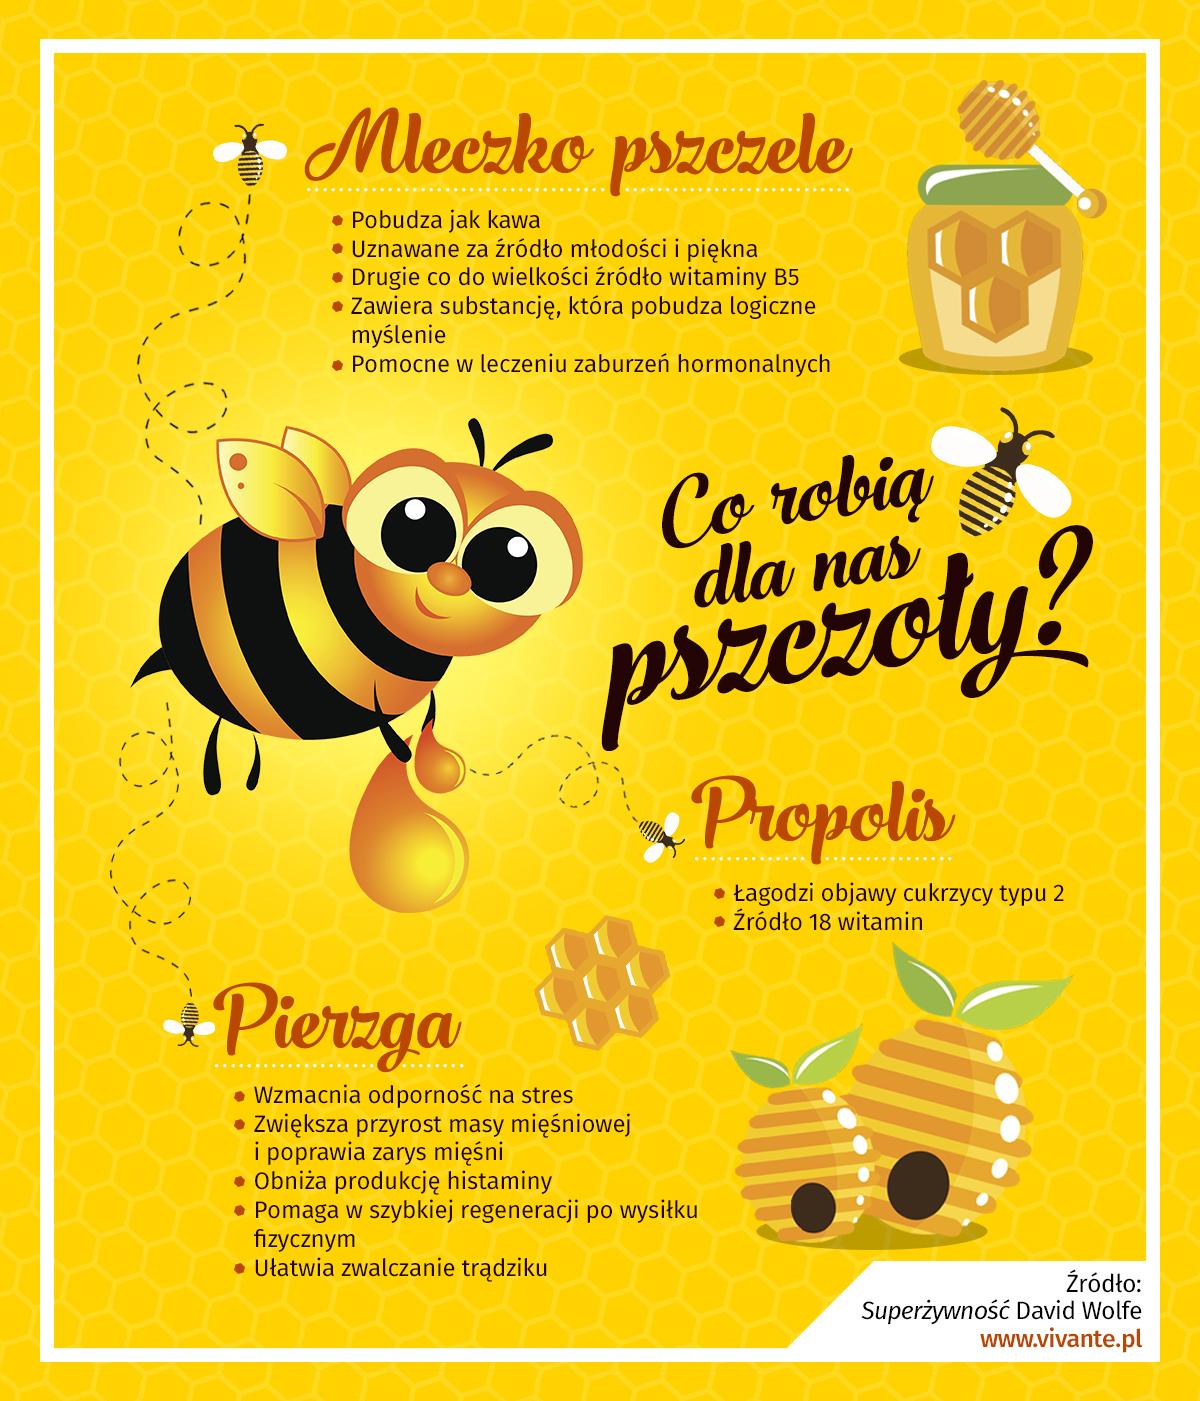 Co robią dla nas pszczoły?